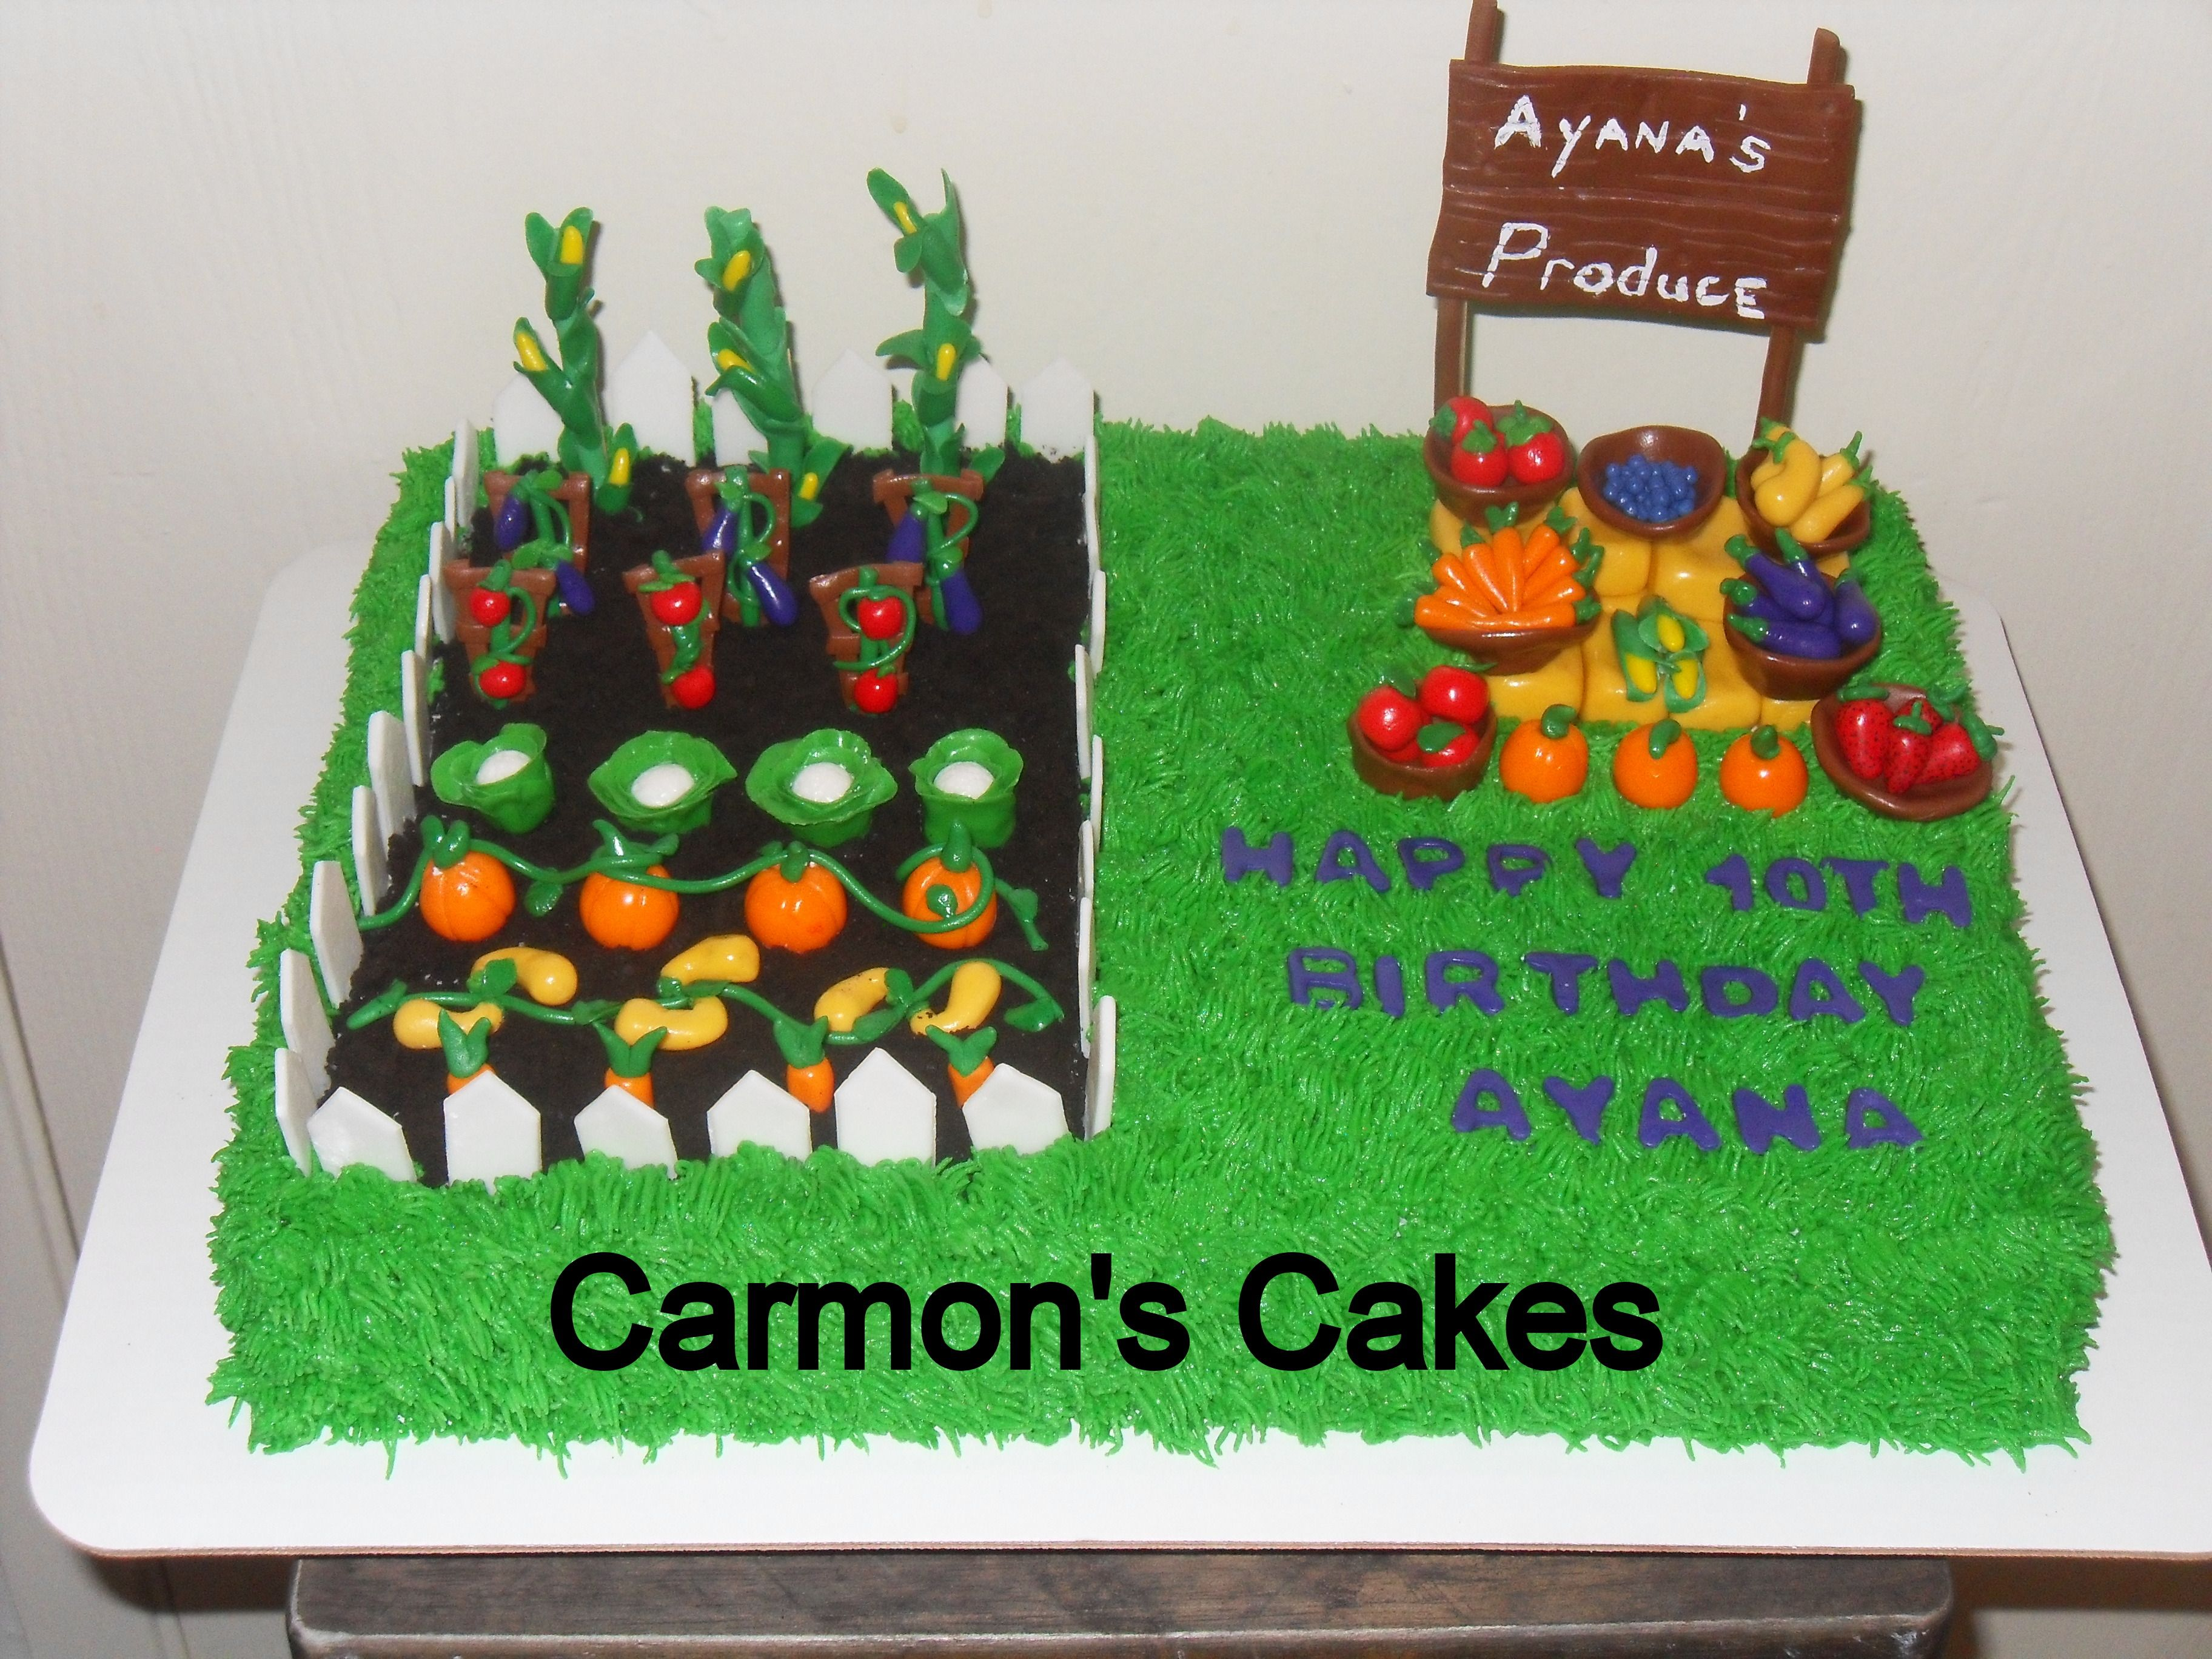 vegetable gardenfruit stand themed cake